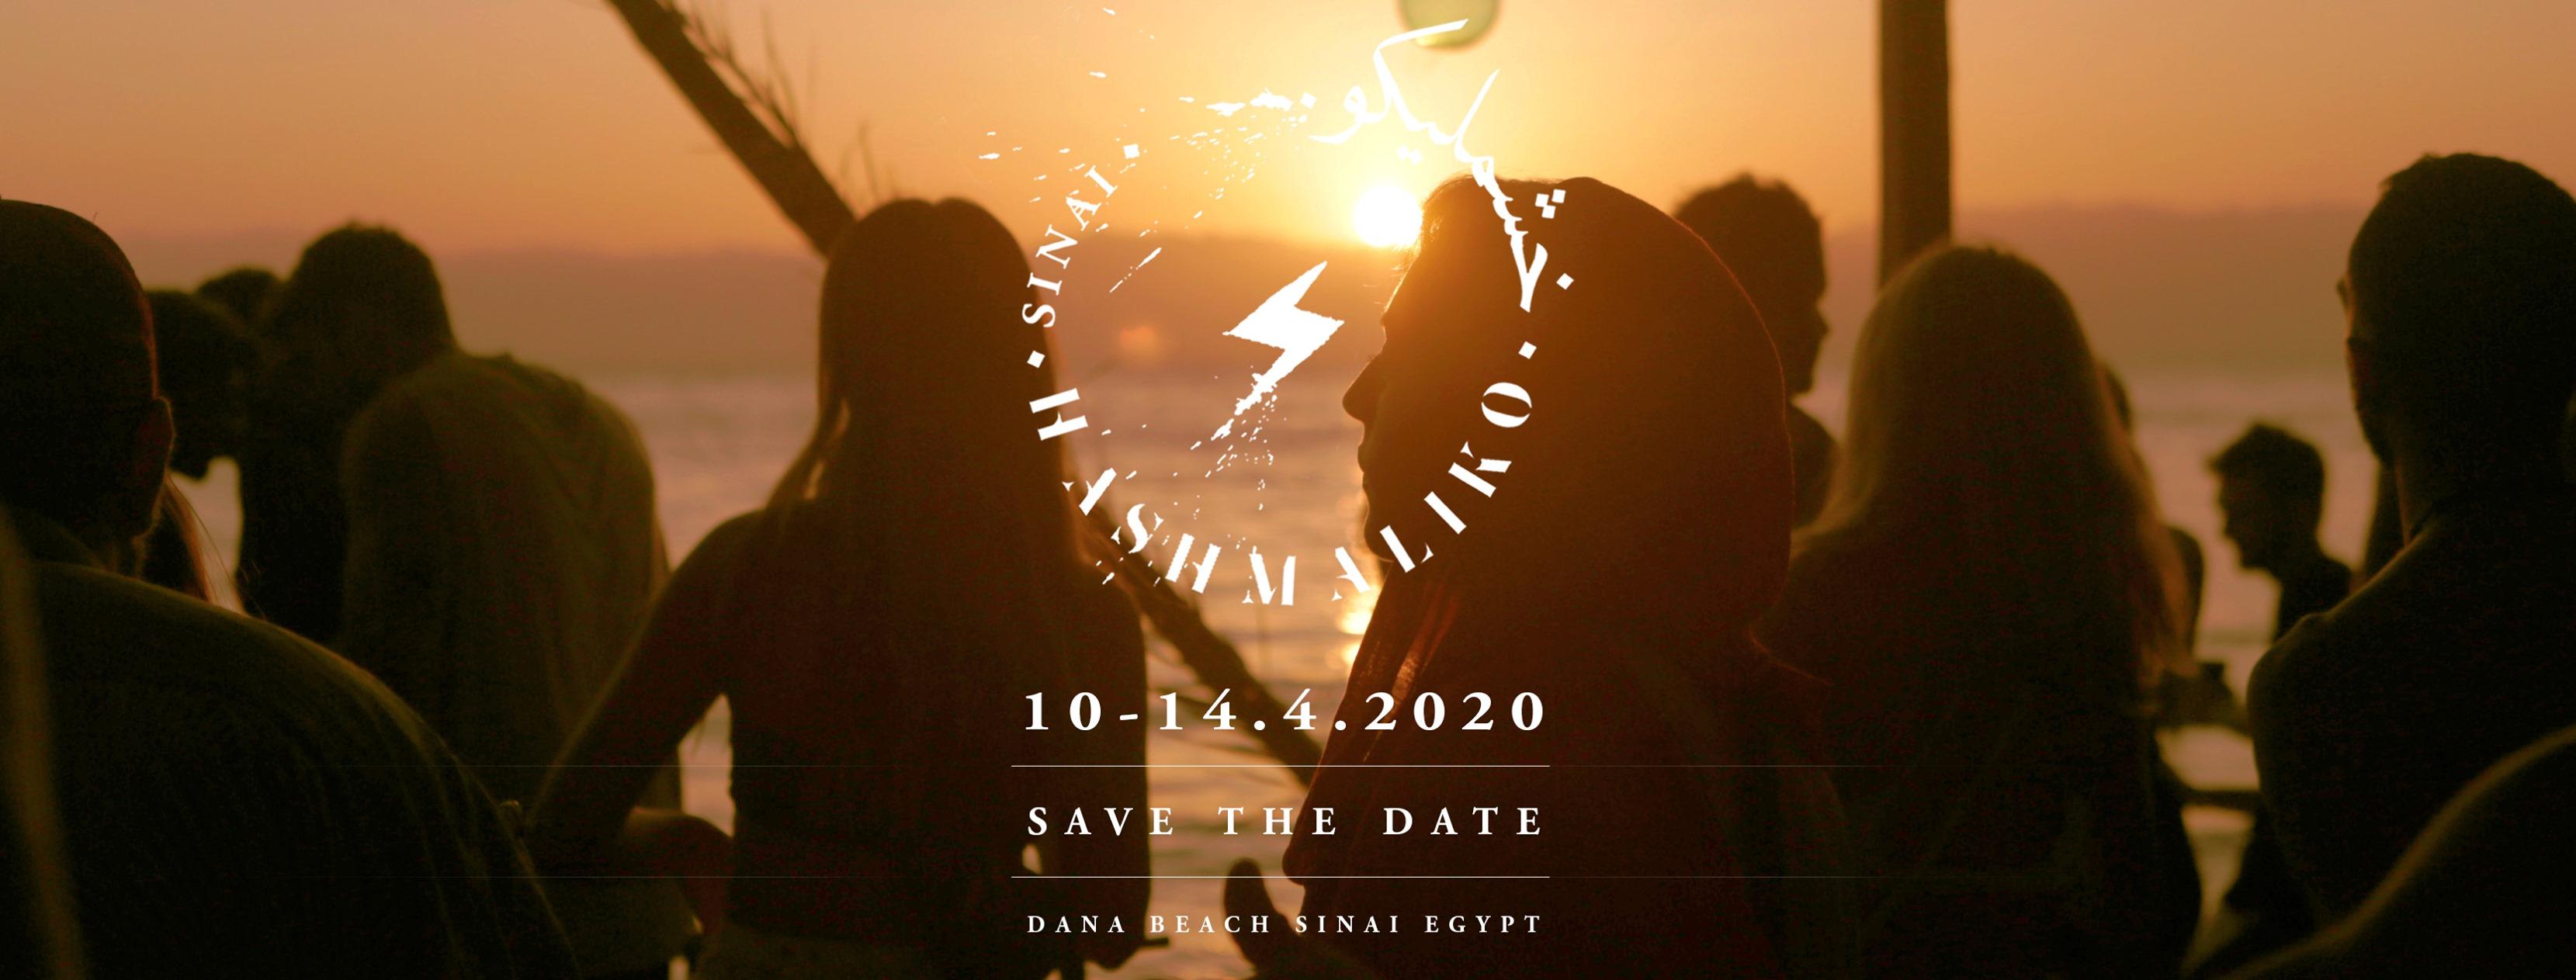 Hashmaliko Sinai 2020